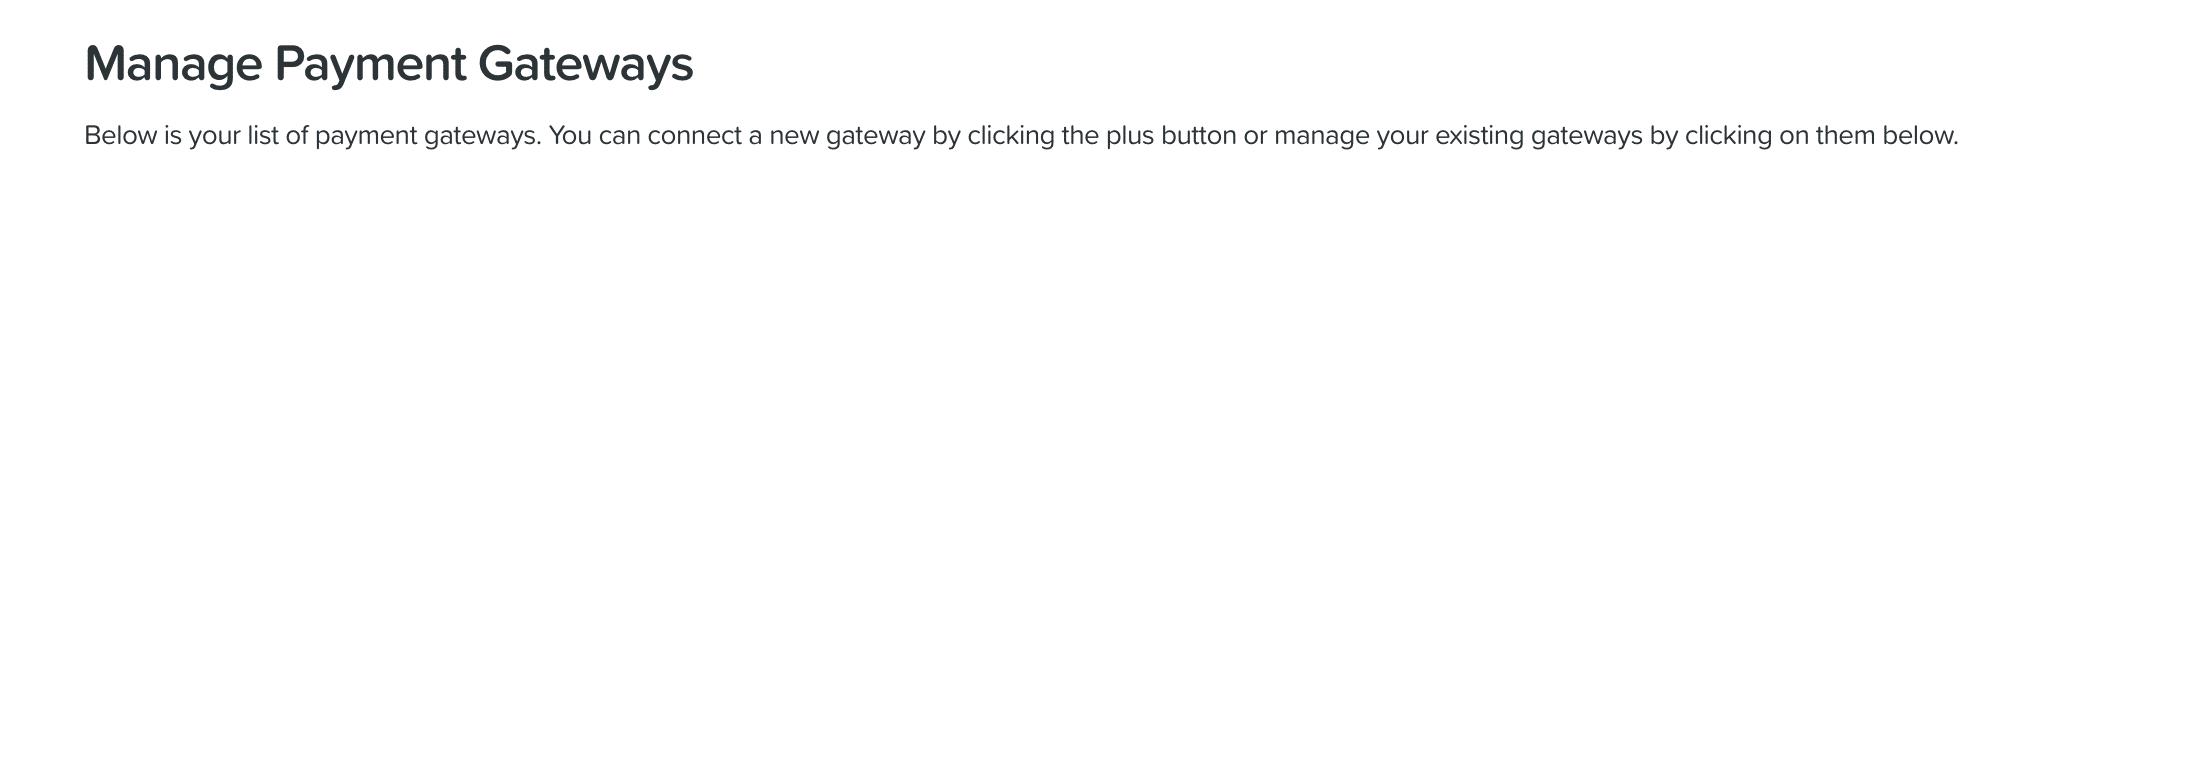 ClickFunnels list of payment gateways